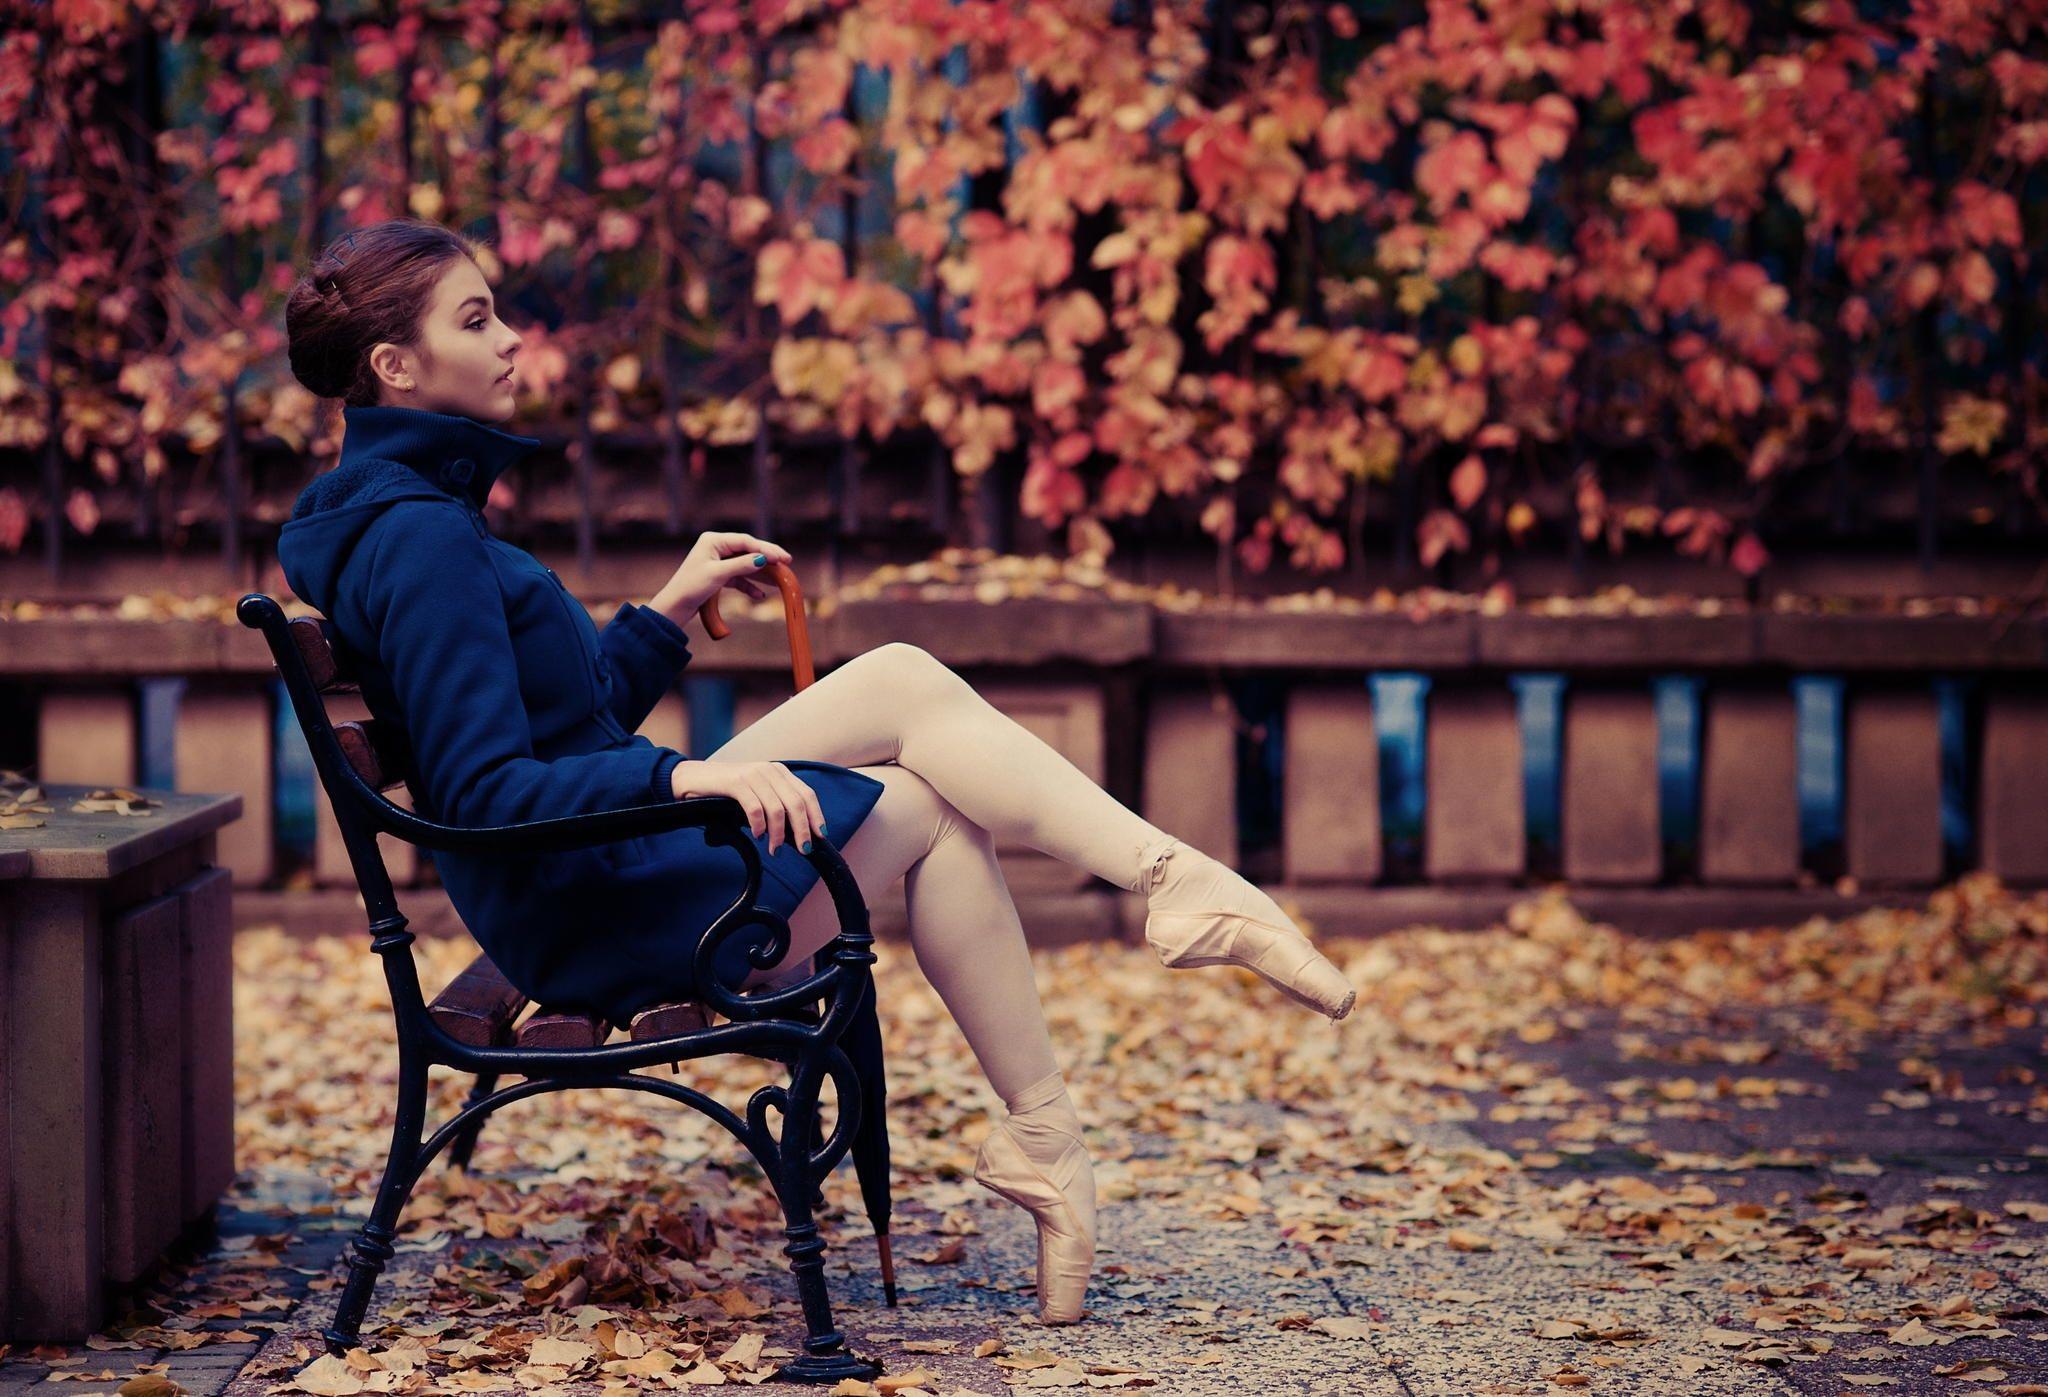 Autumn ballerina - See more on  www.facebook.com/urb.butterflies